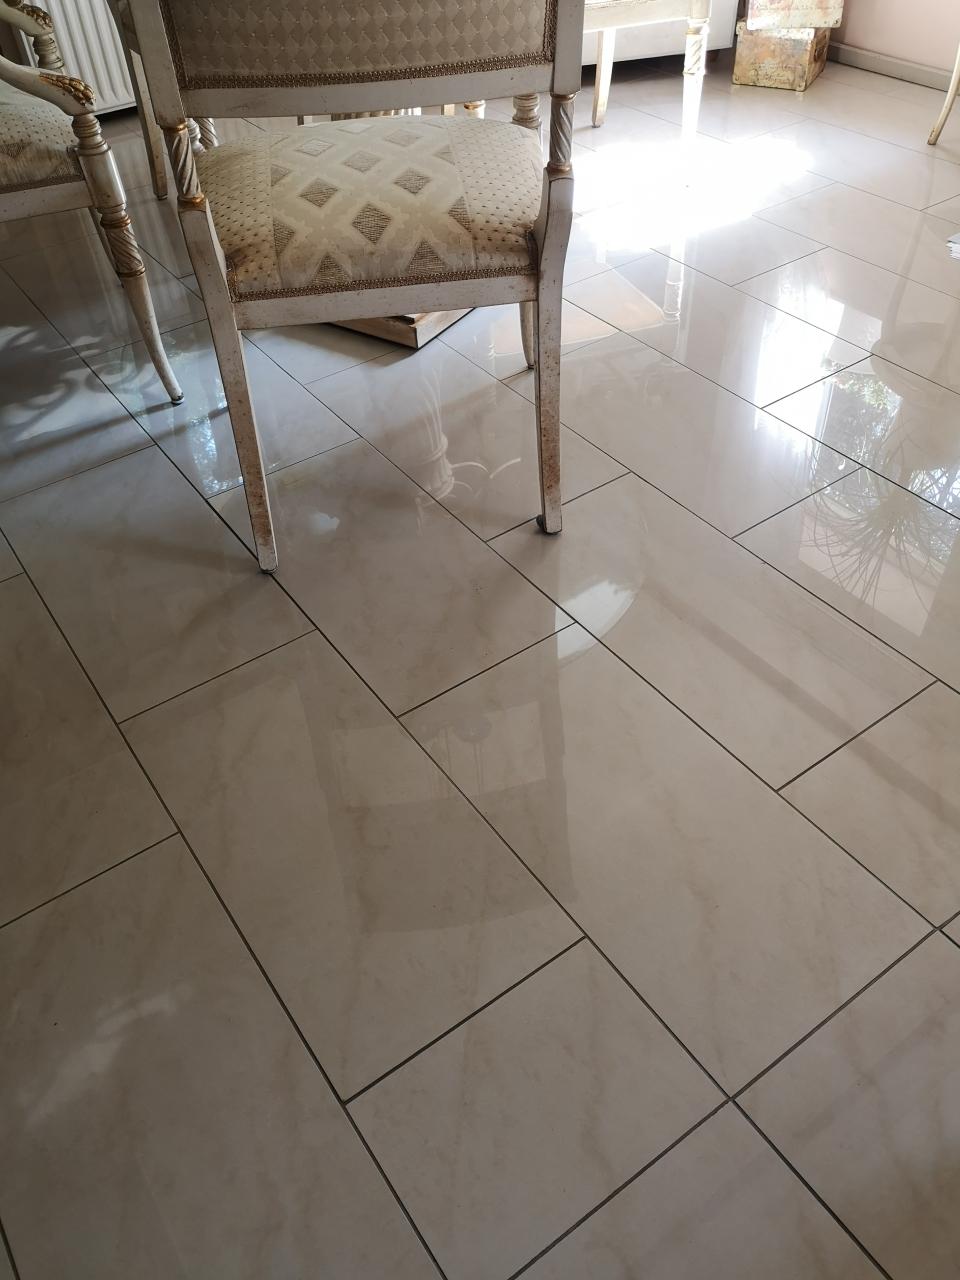 Ist das ein Fußboden?